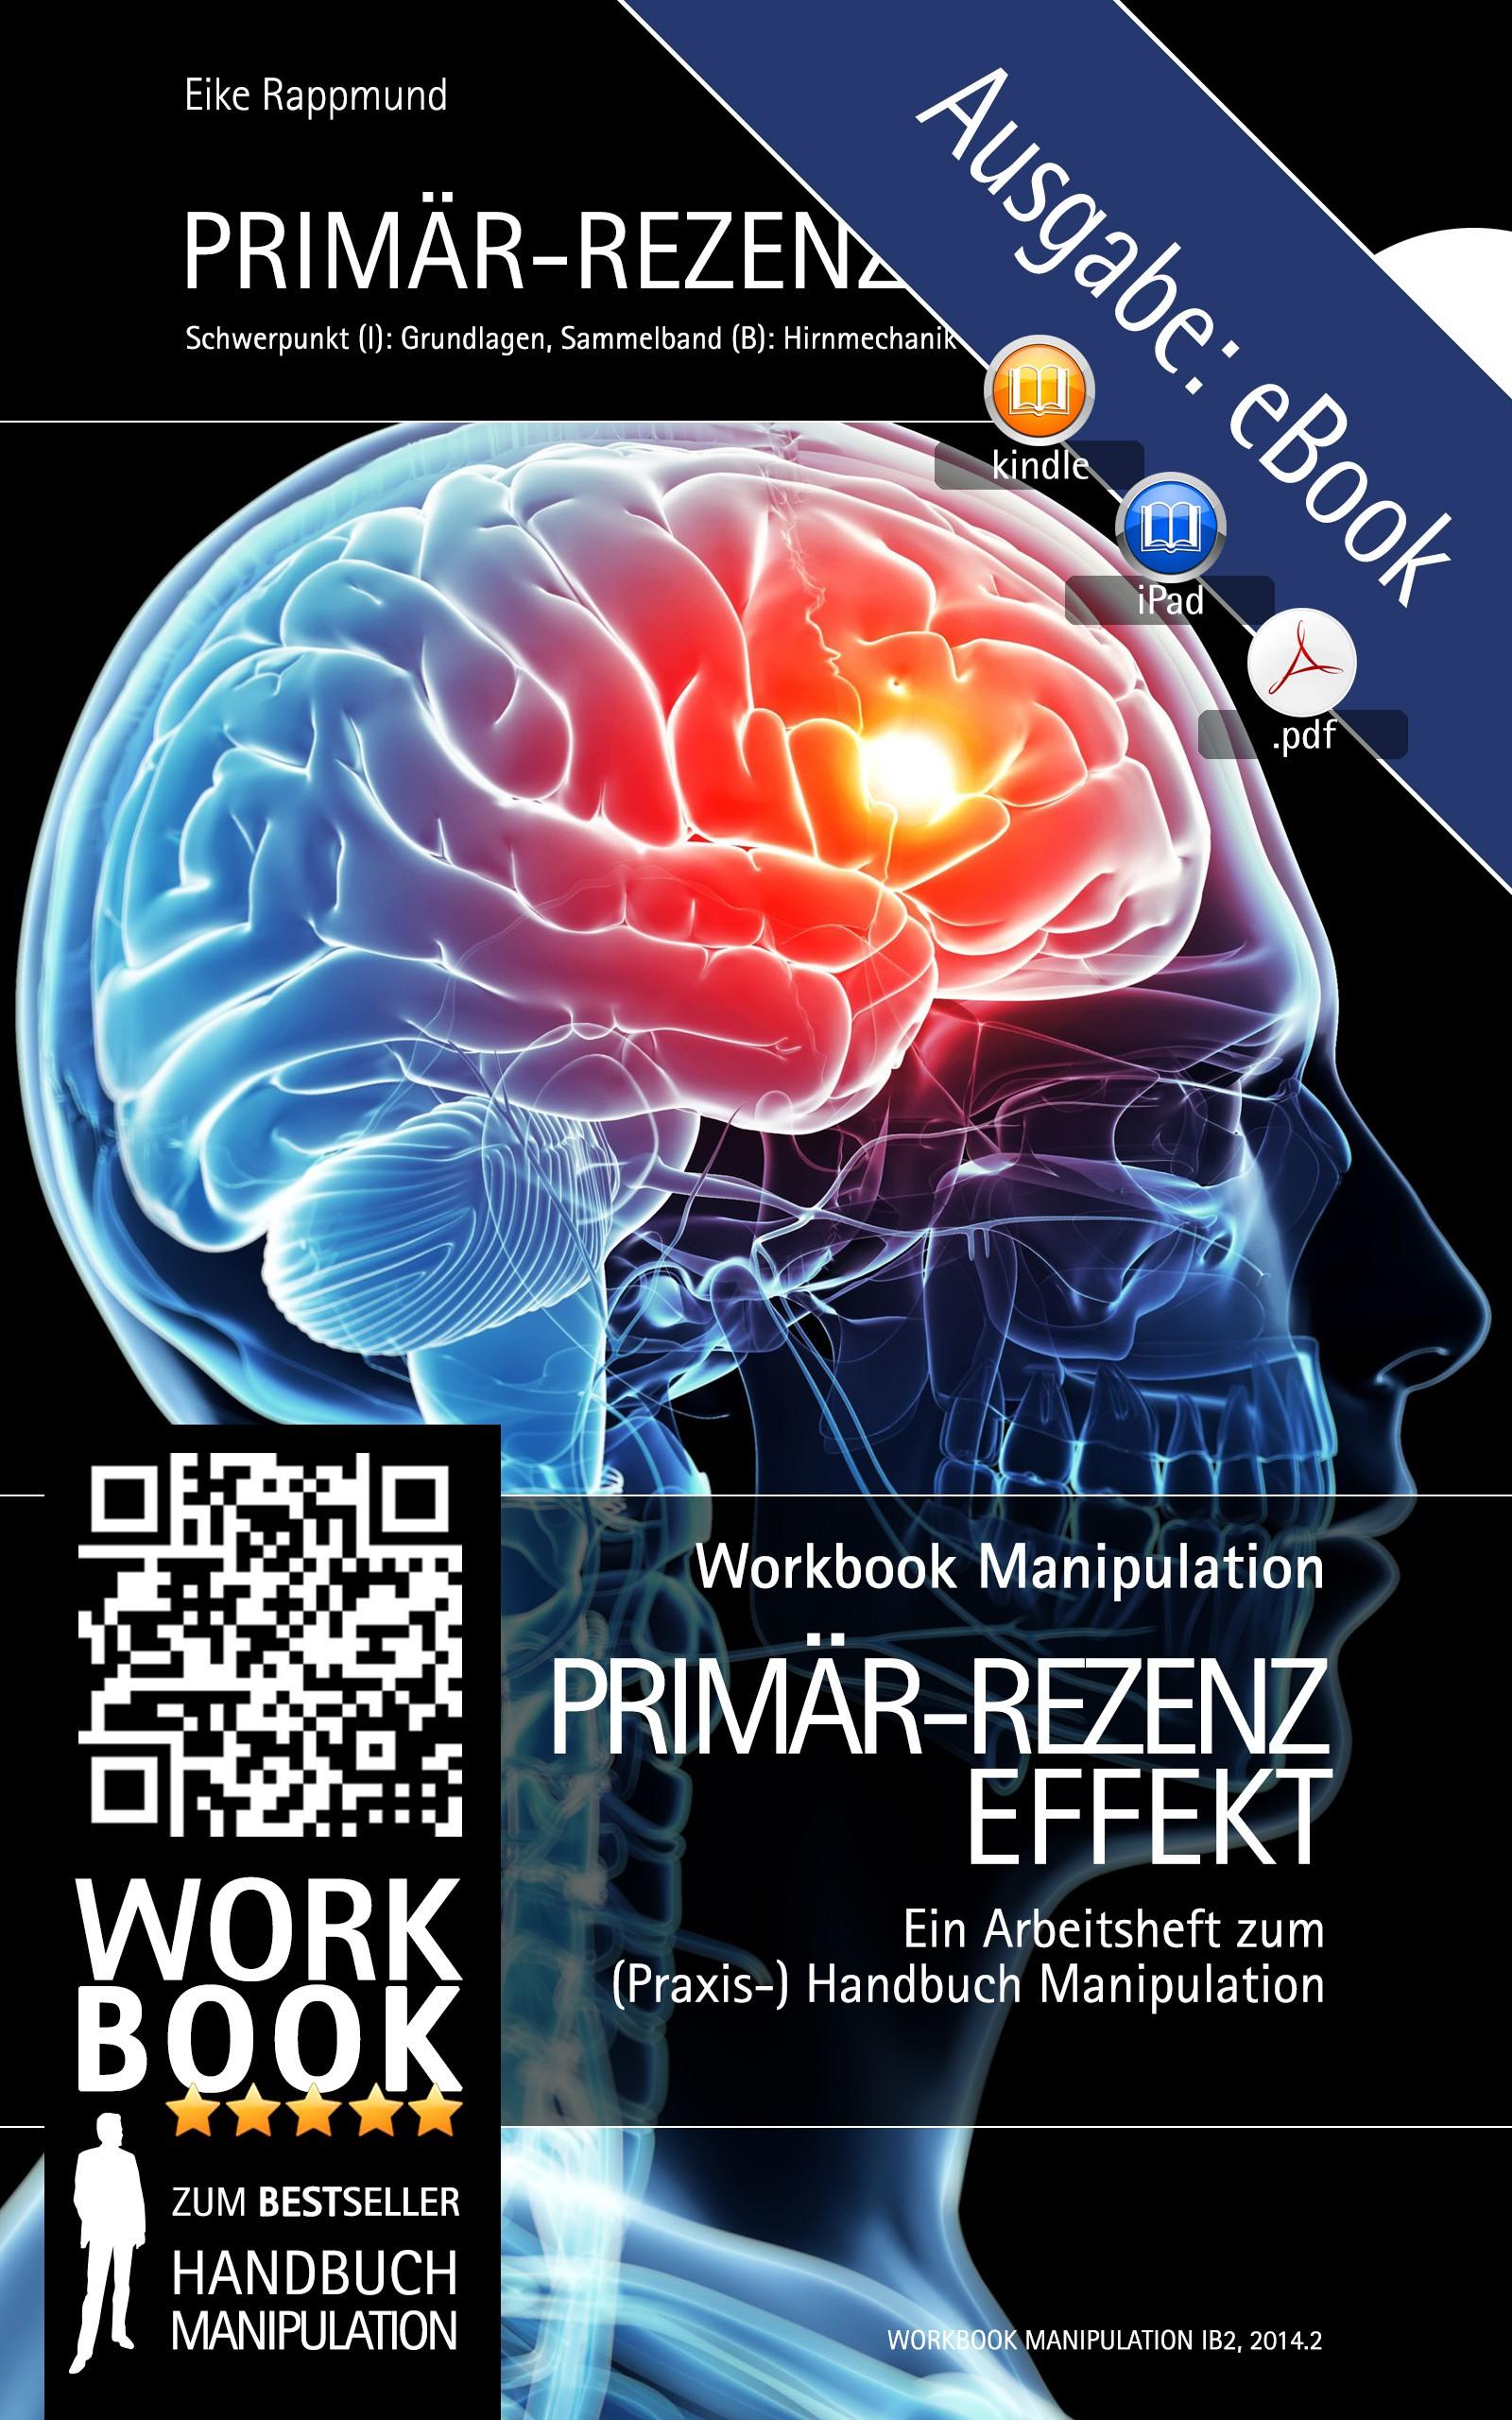 Arbeitsheft: Primär-Rezenz Effekt (zum Workbook Manipulation)